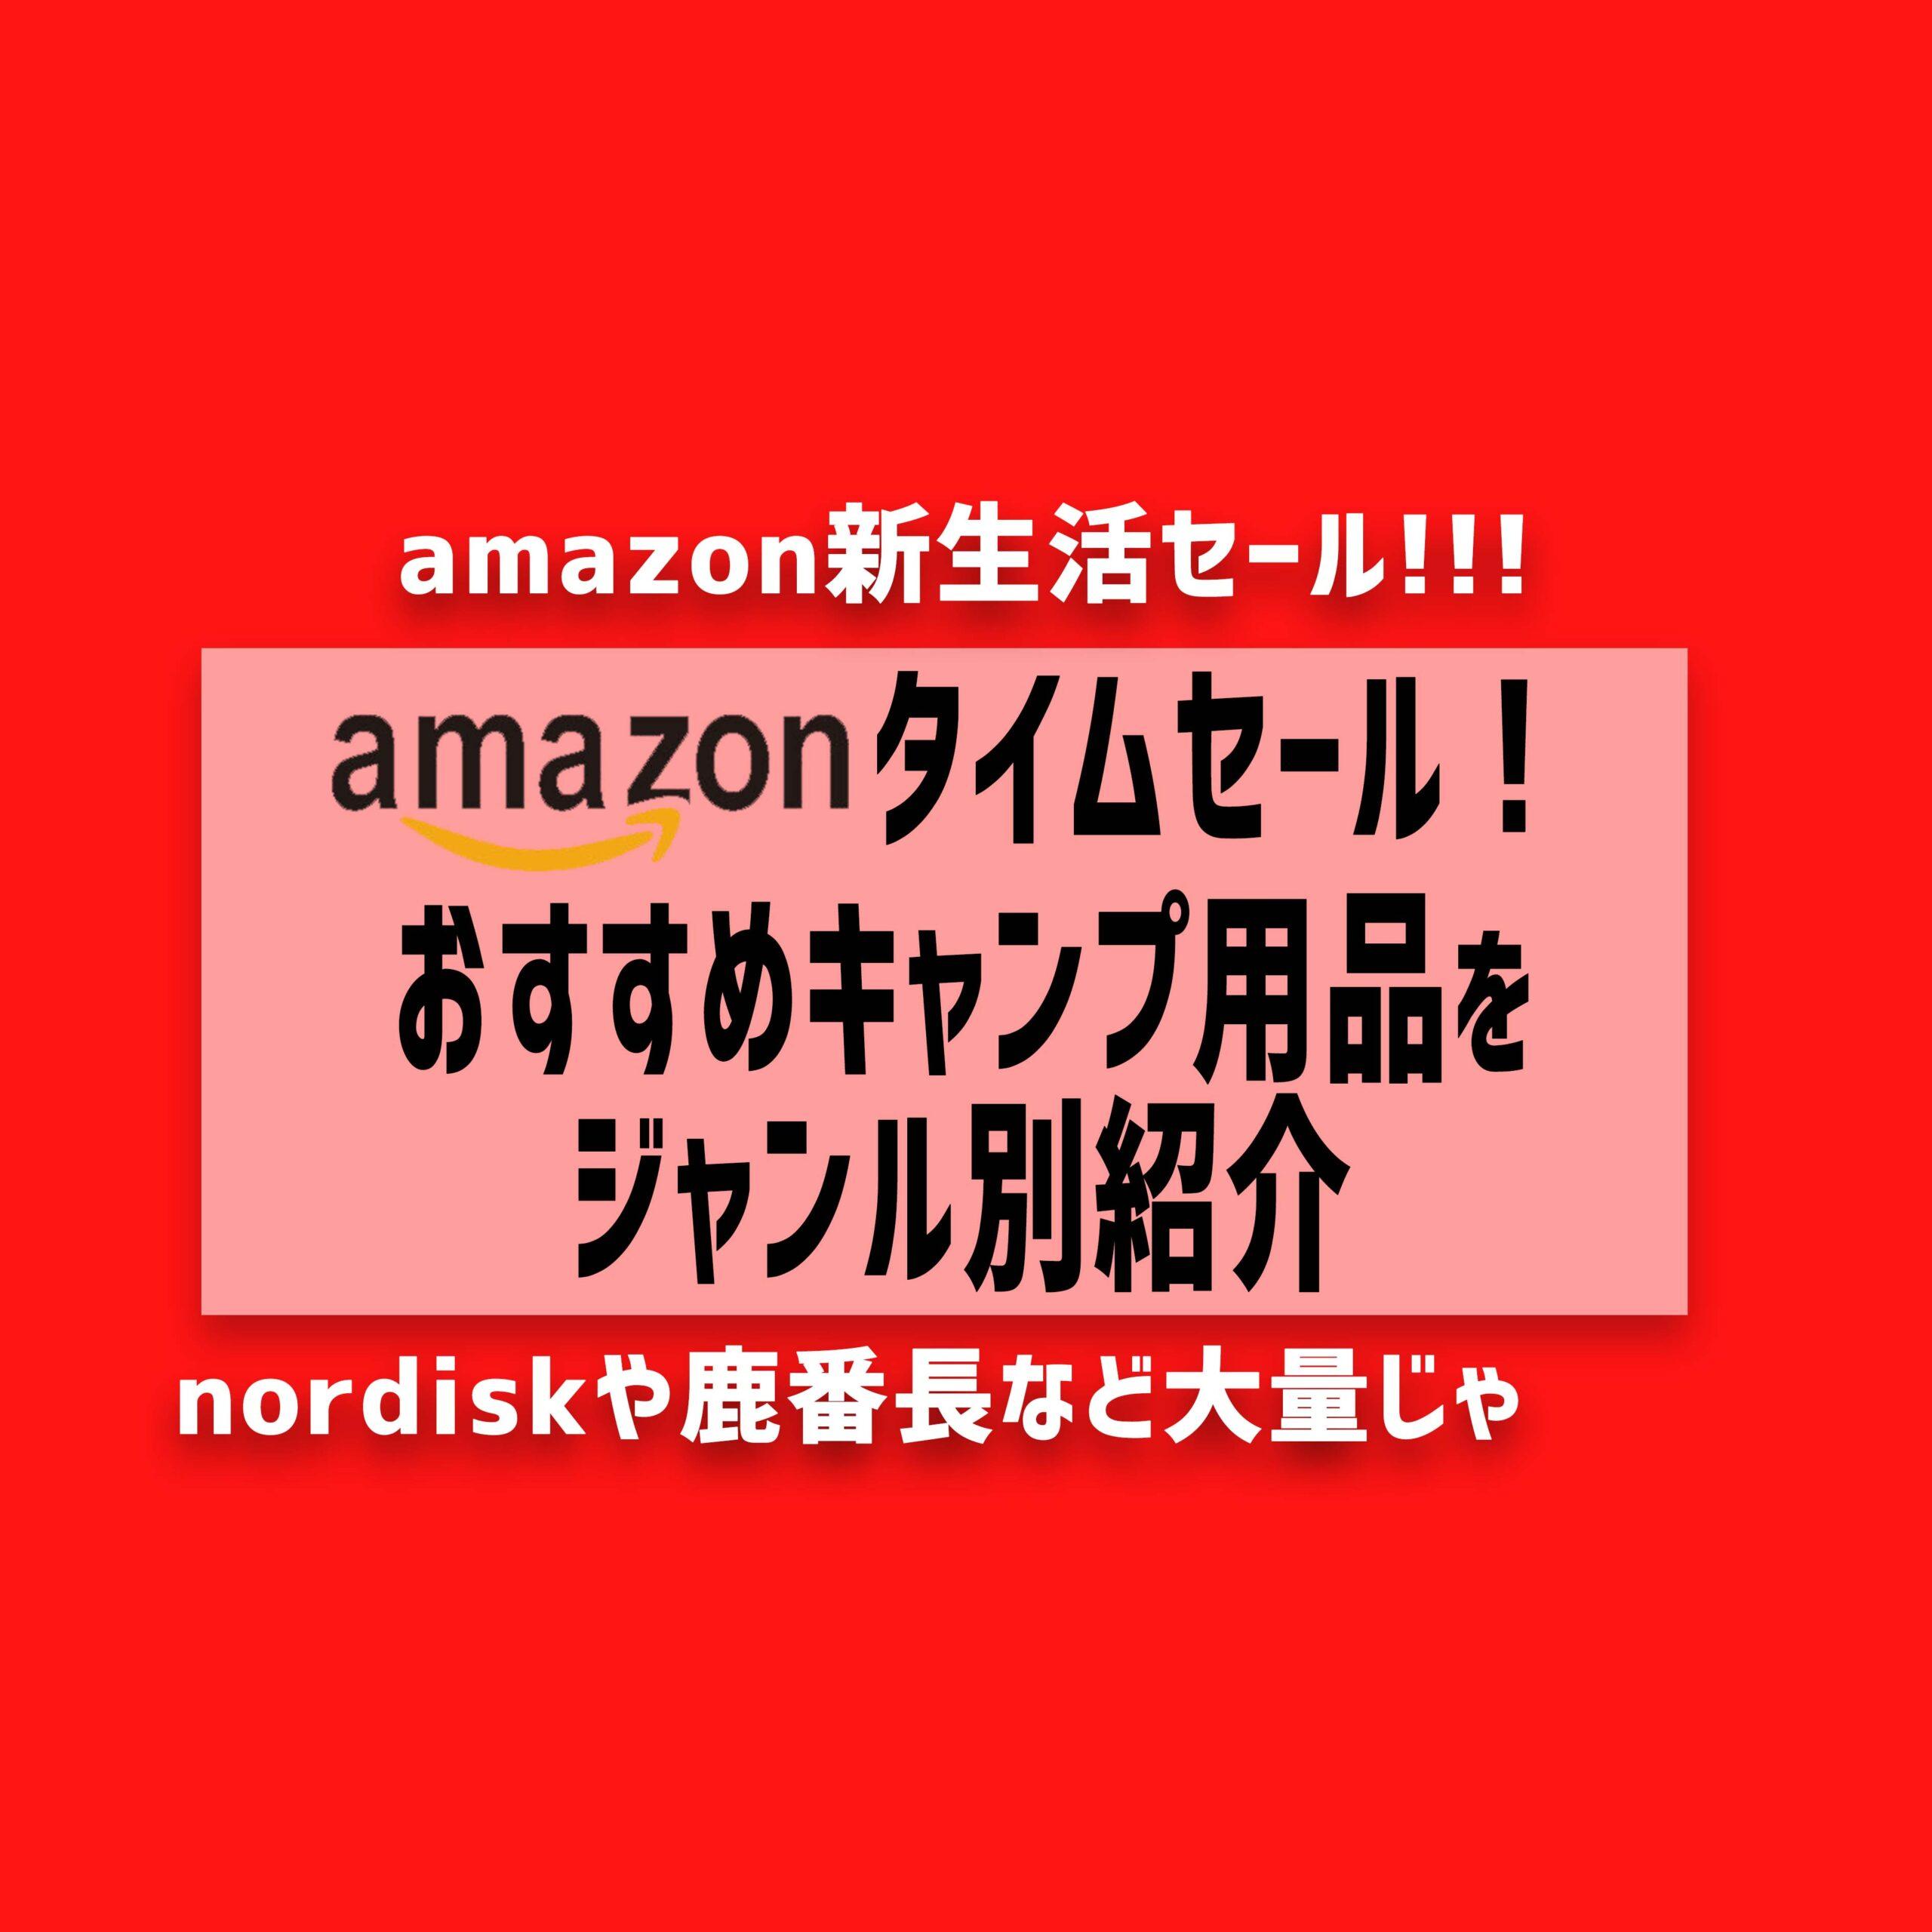 【2021年3月】Amazonタイムセール!新生活セールのおすすめキャンプ用品をジャンル別紹介